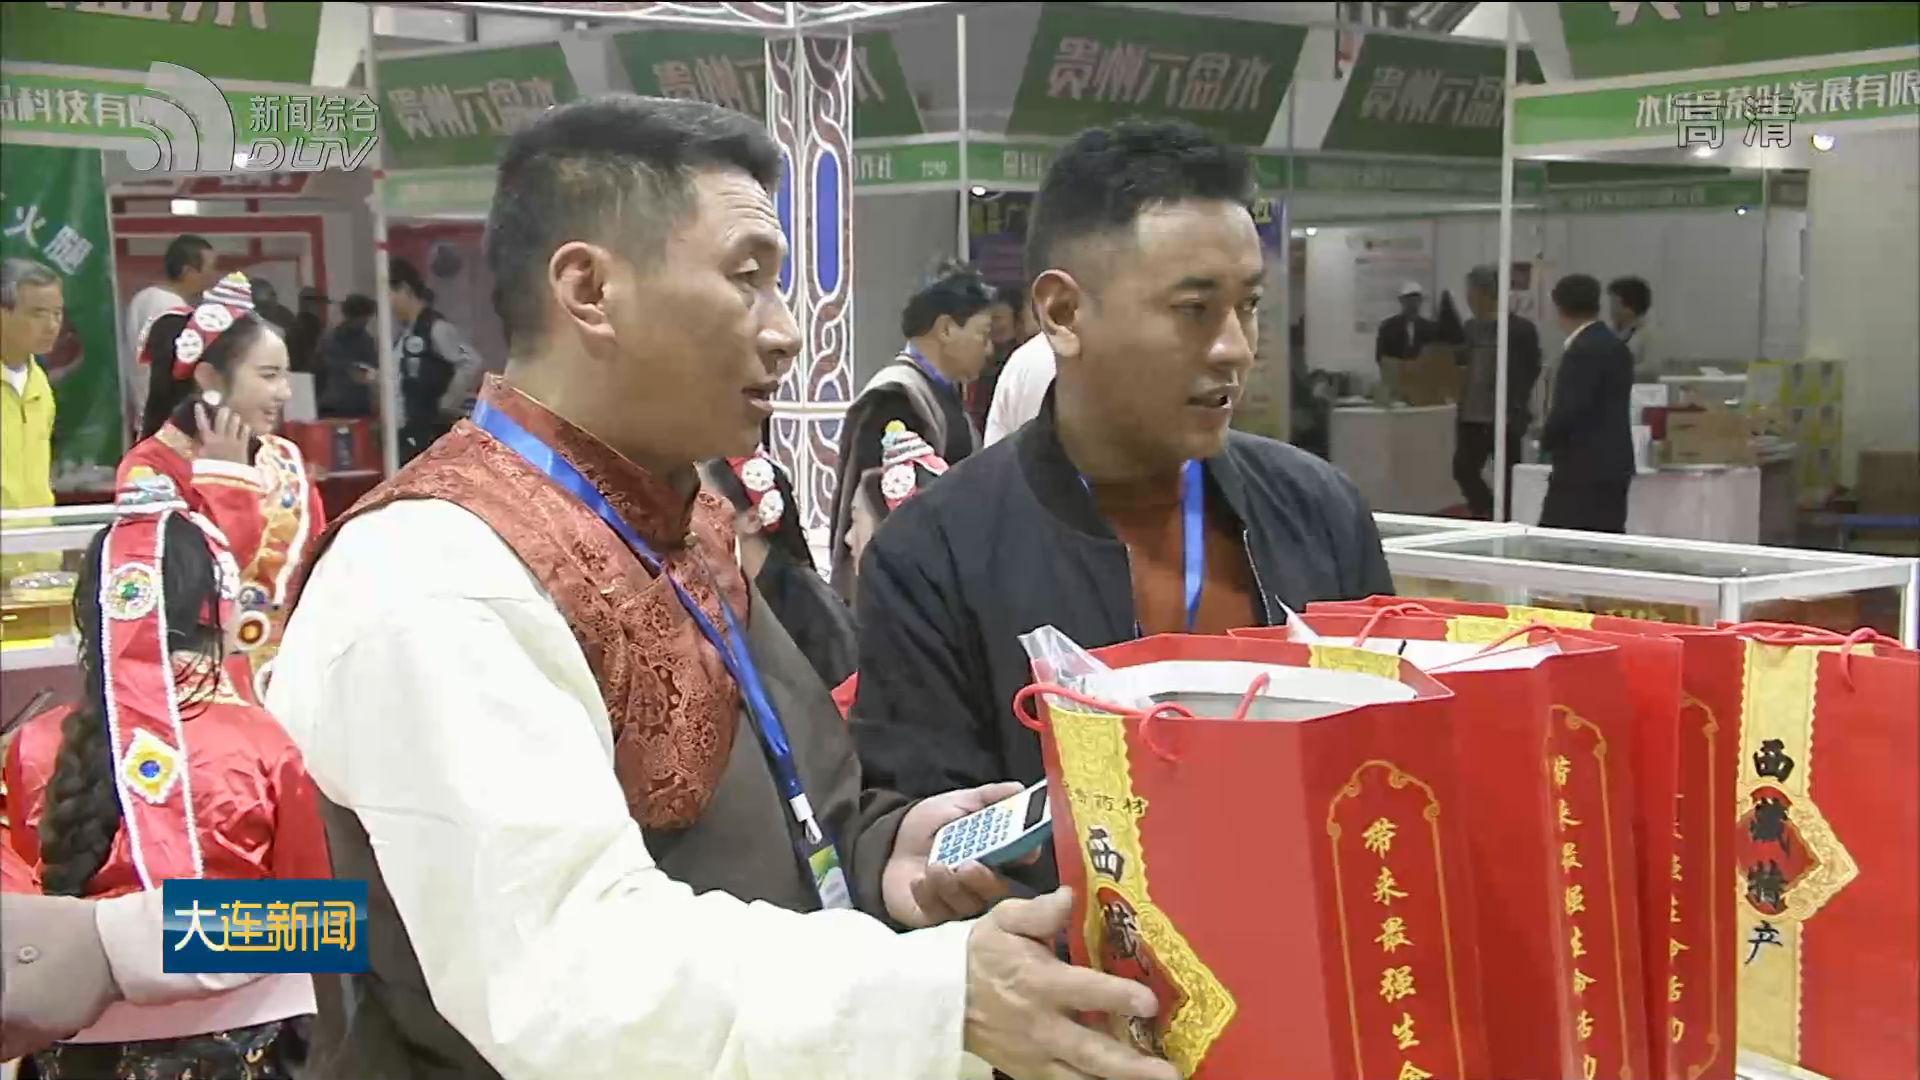 西藏索縣特產銷售超百萬元 當地貧困戶直接受益